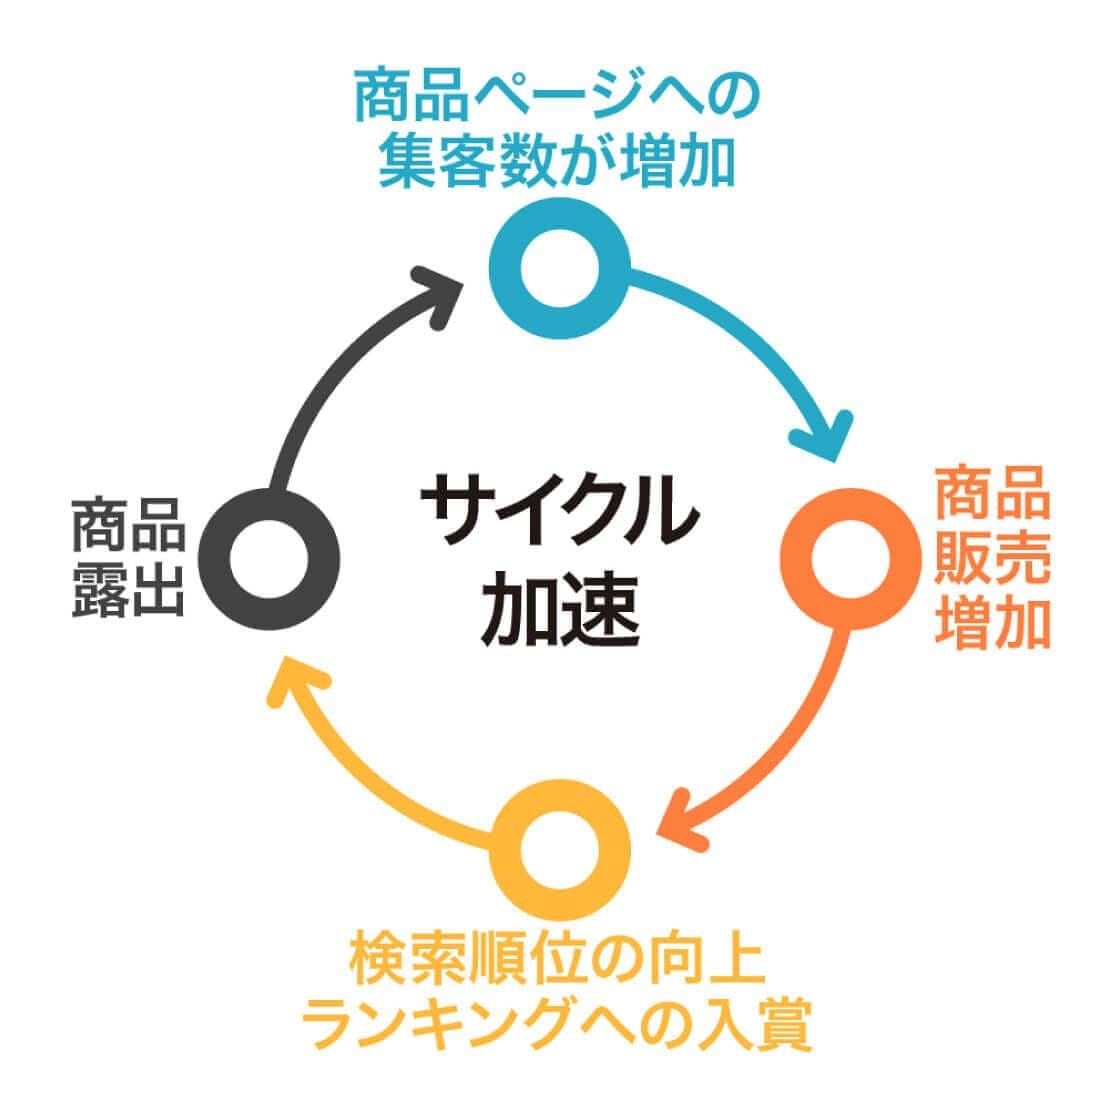 サイクル 図